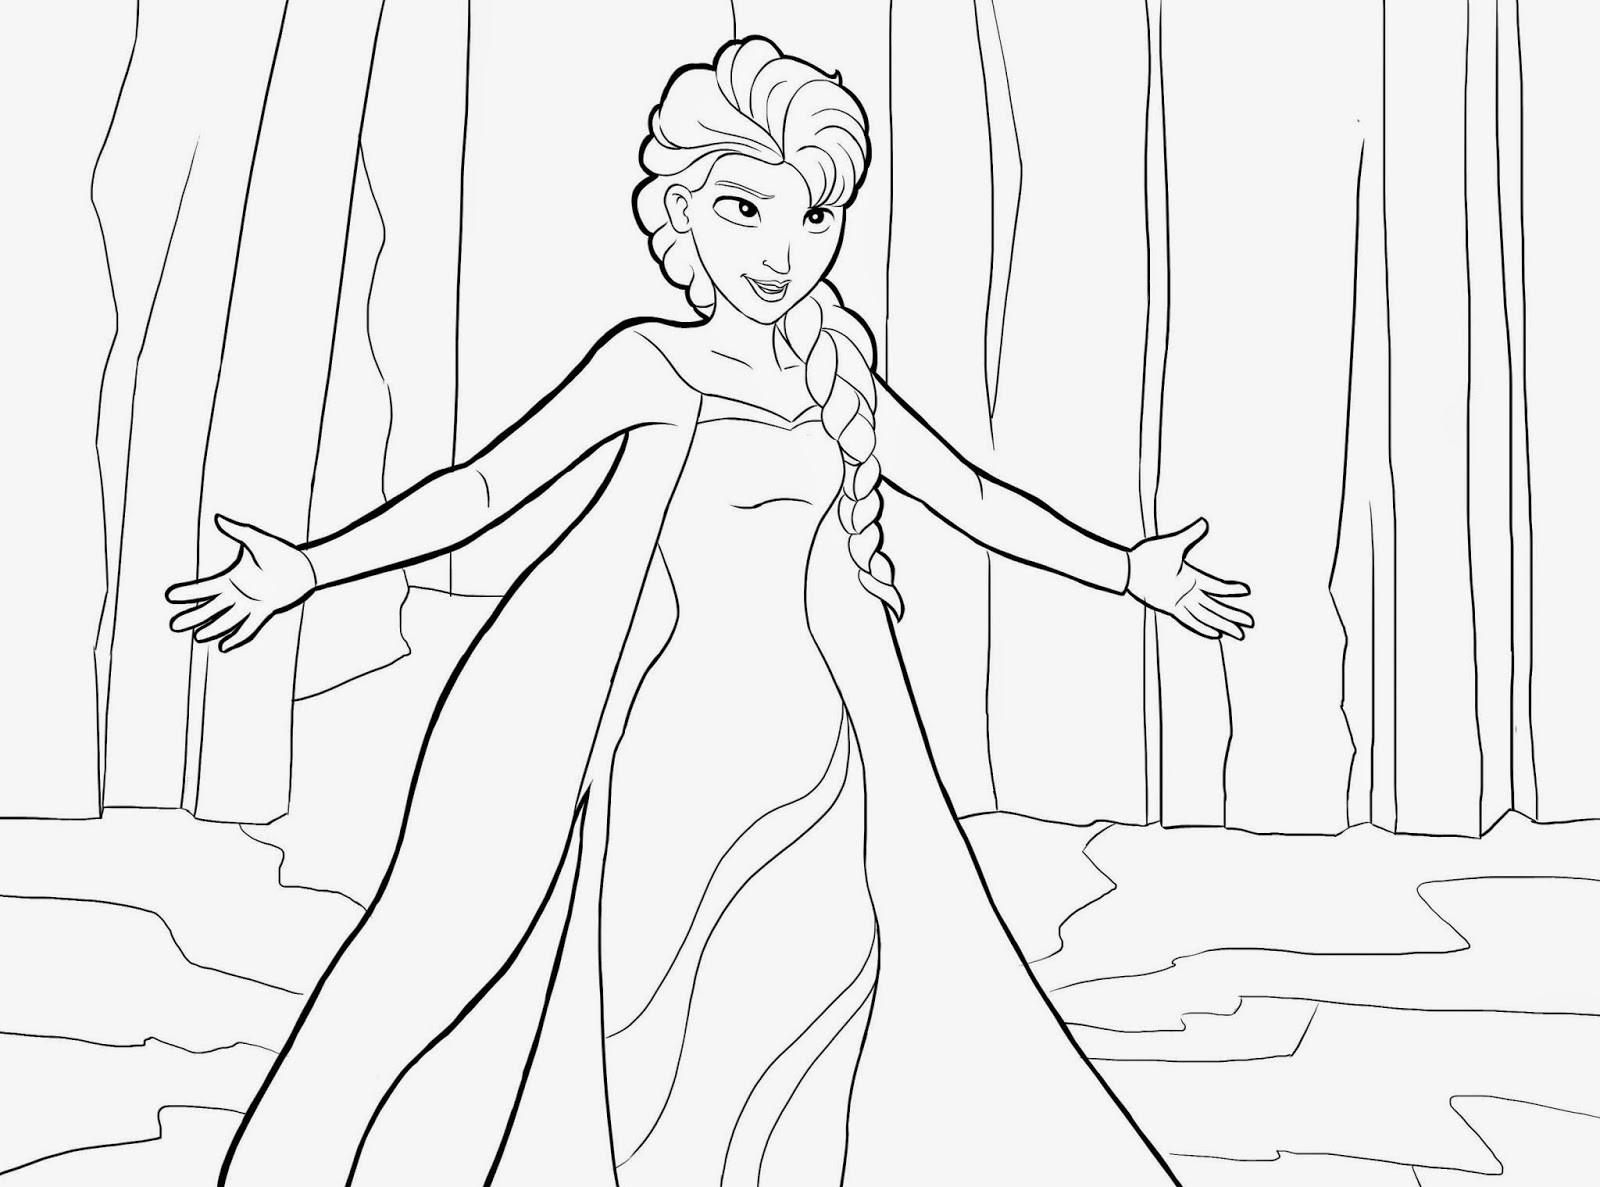 Ausmalbilder Disney Frozen  AUSMALBILDER Deutschland April 2014